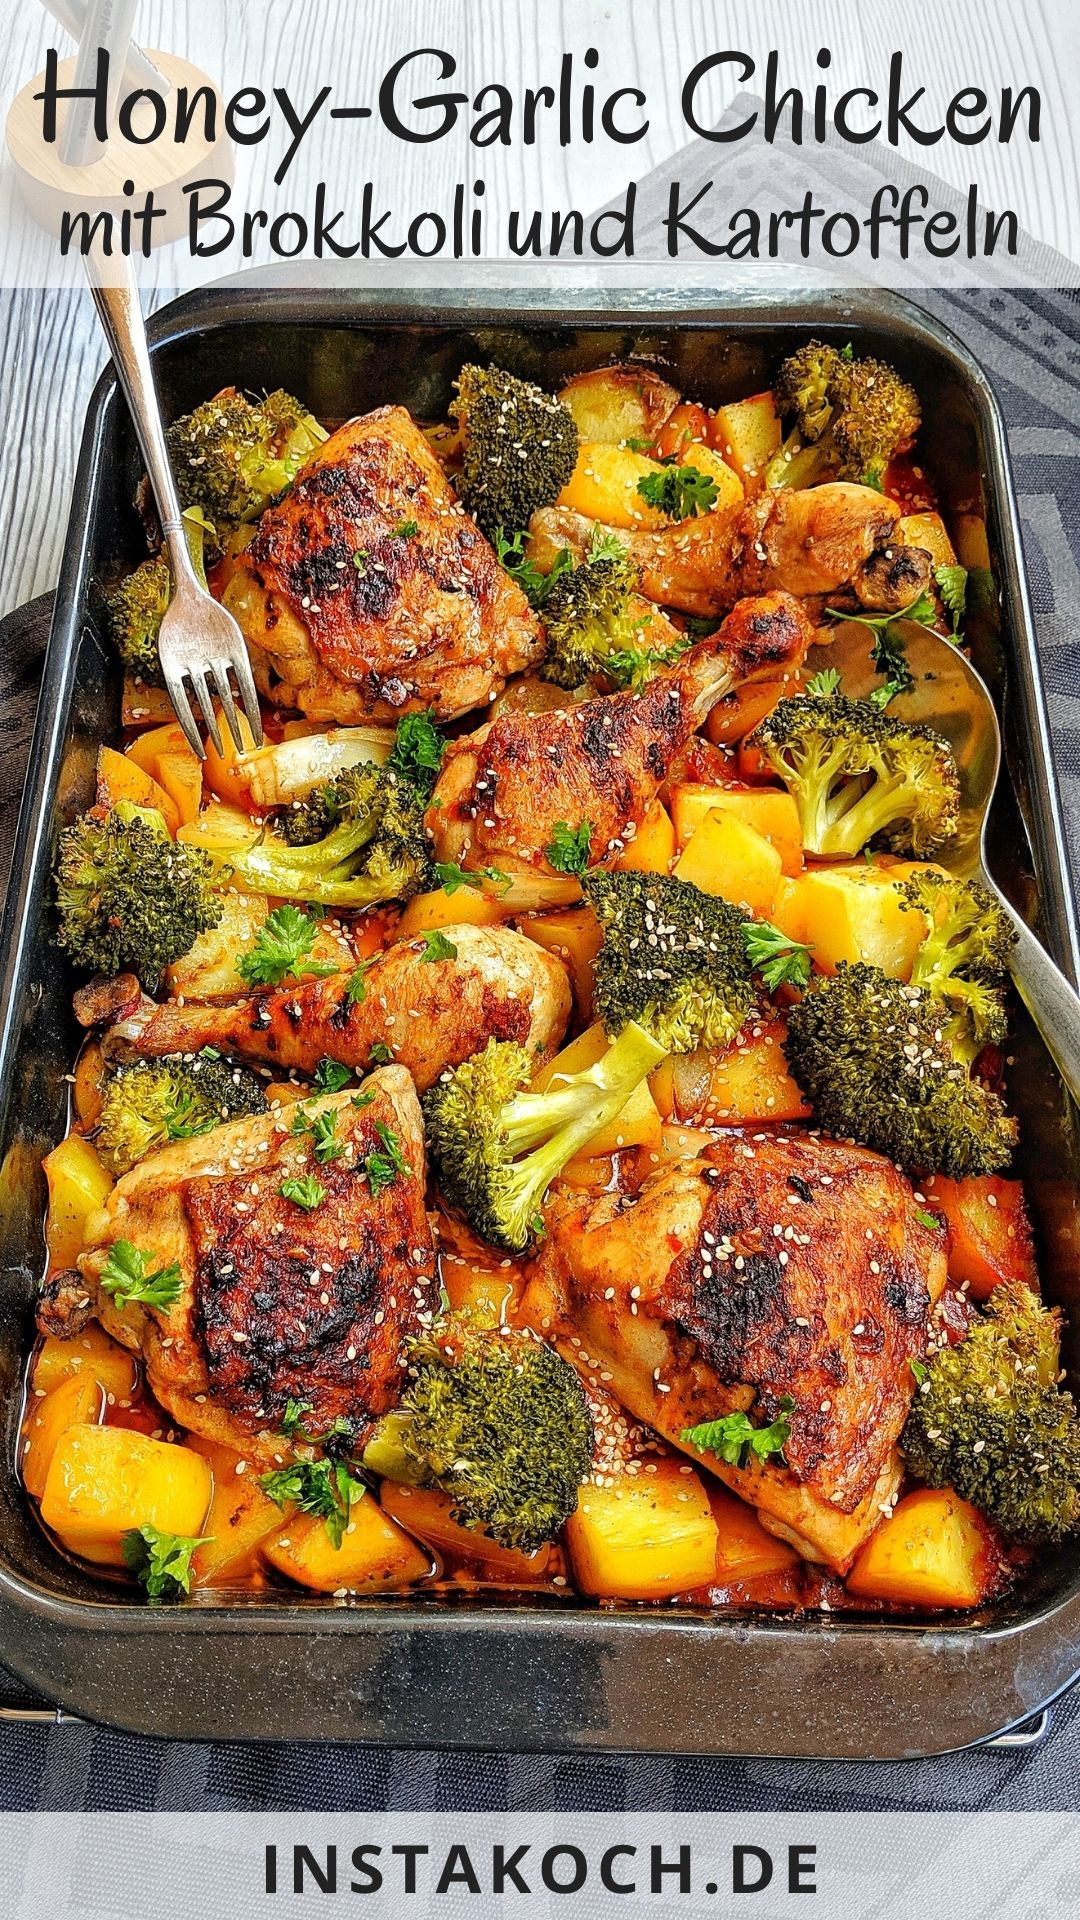 Honey-garlic Chicken mit Brokkoli und Kartoffeln aus dem Ofen – Instakoch.de